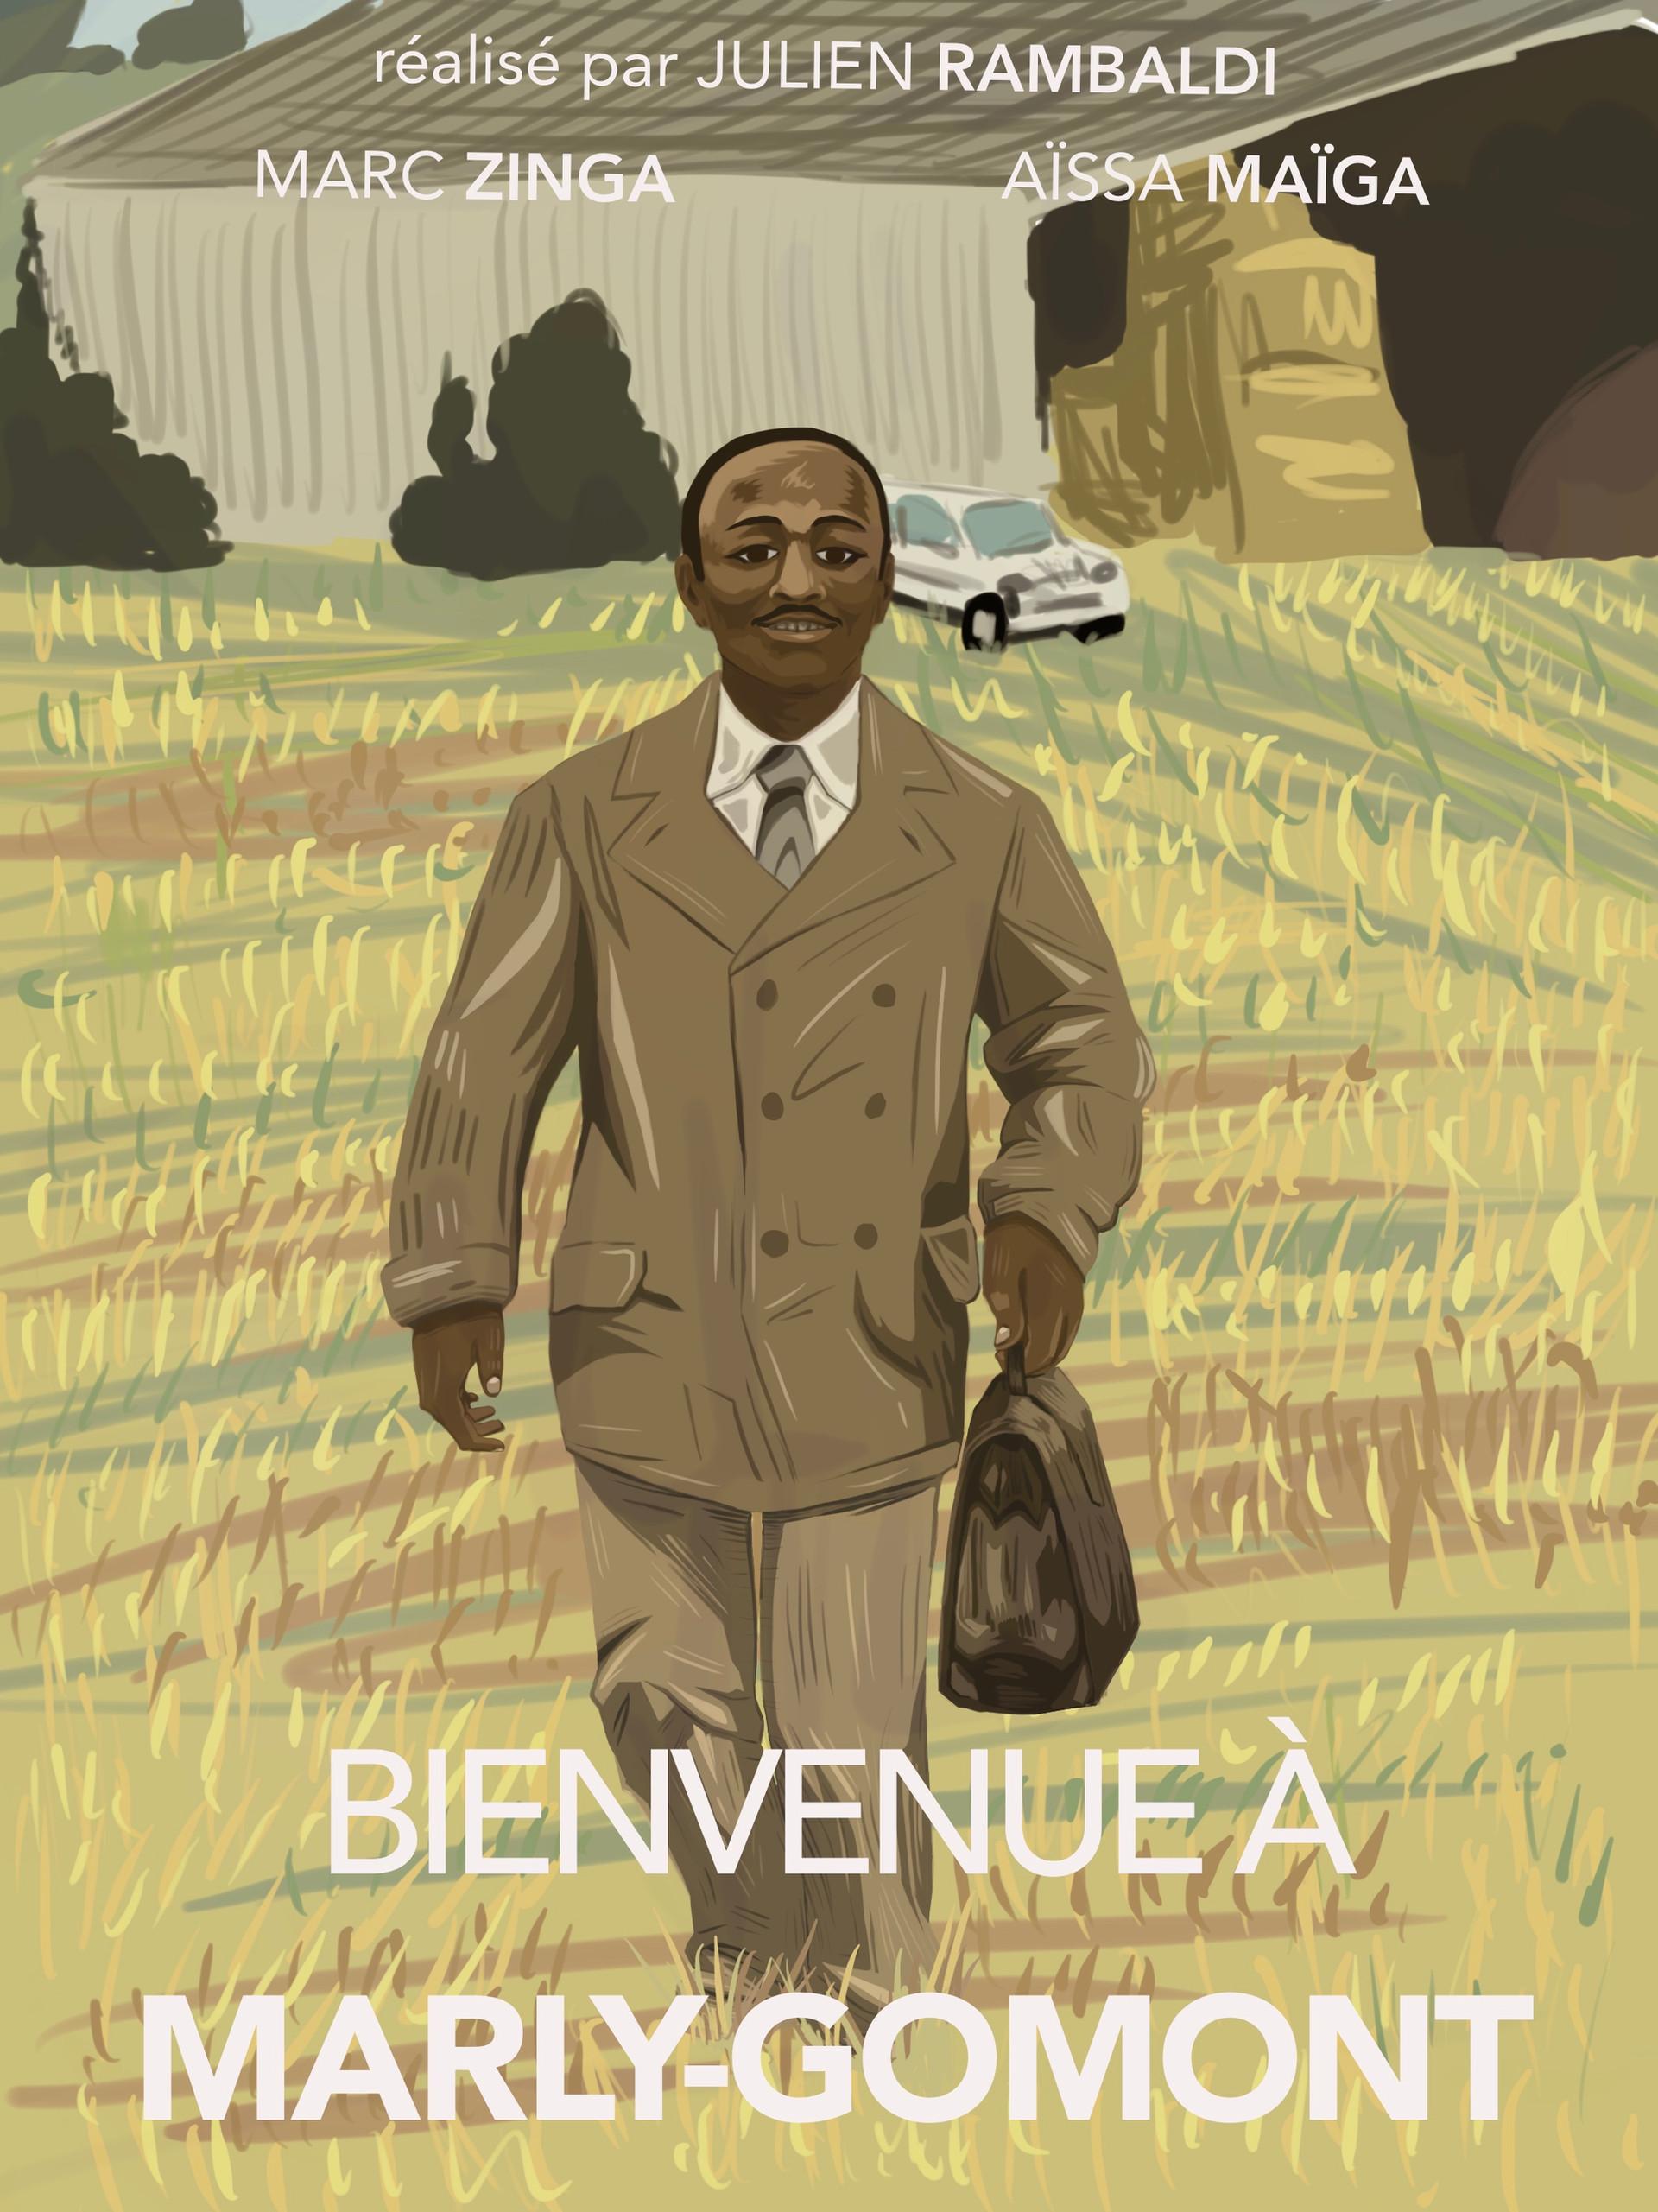 Tallulah Blais - Bienvenue à Marly-Gomon (Art numérique)